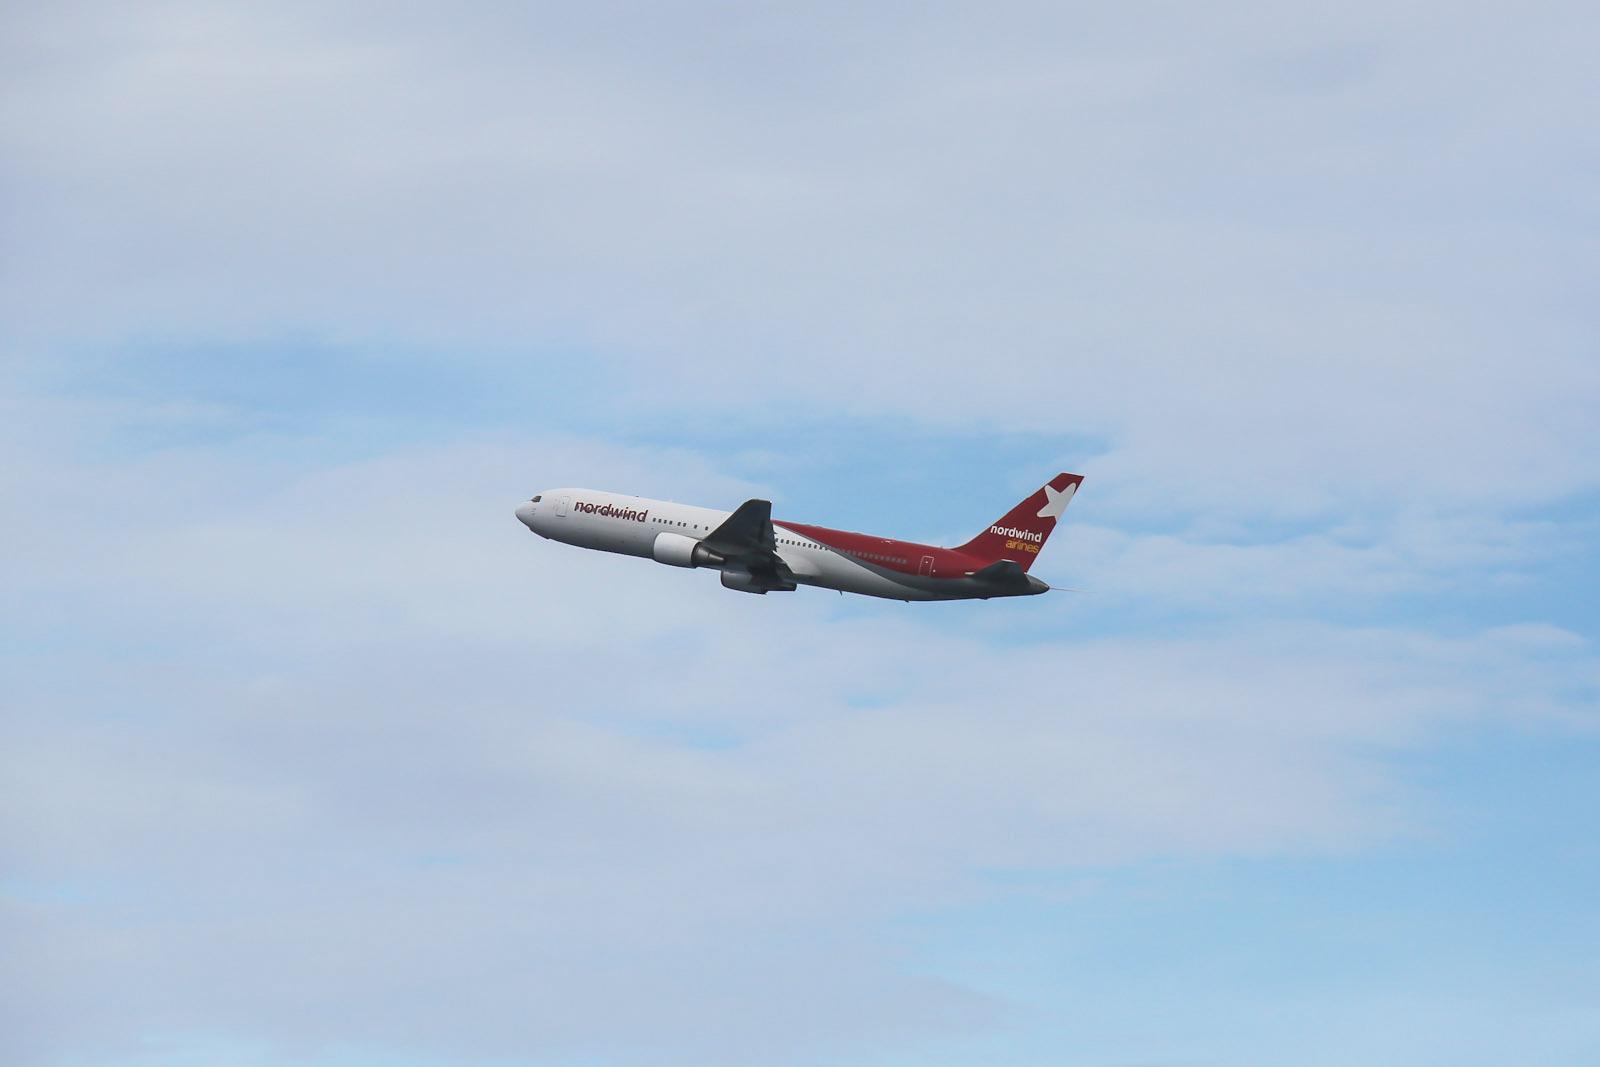 Боинг-767-300 авиакомпании Nordwind Airlines взлетает из аэропорта Пхукет